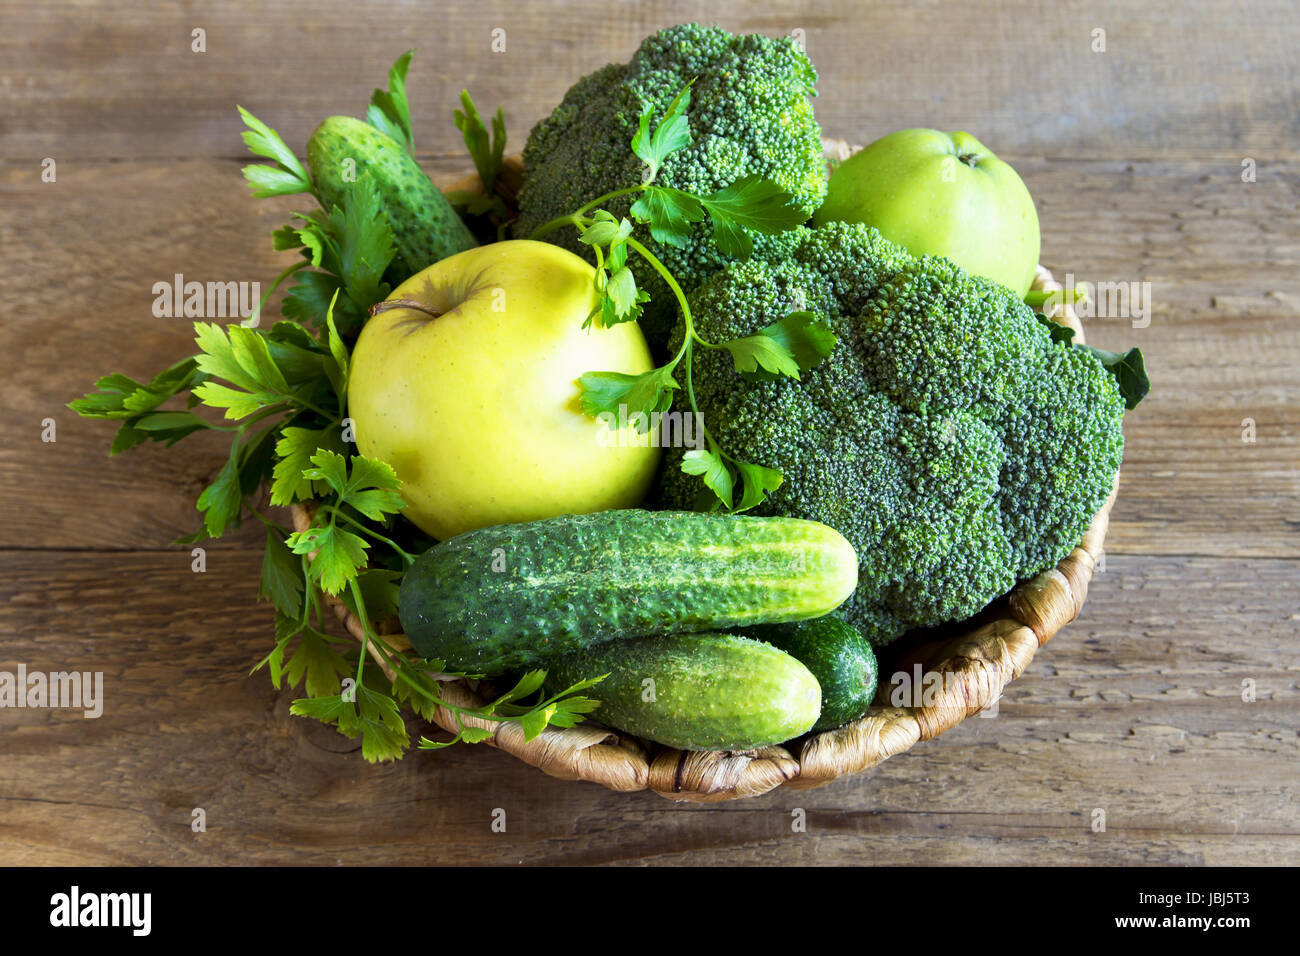 Vegetables . Assorted Organic Harvest Green Vegetables in a Basket. Fresh Vegetables over rustic wooden background. - Stock Image